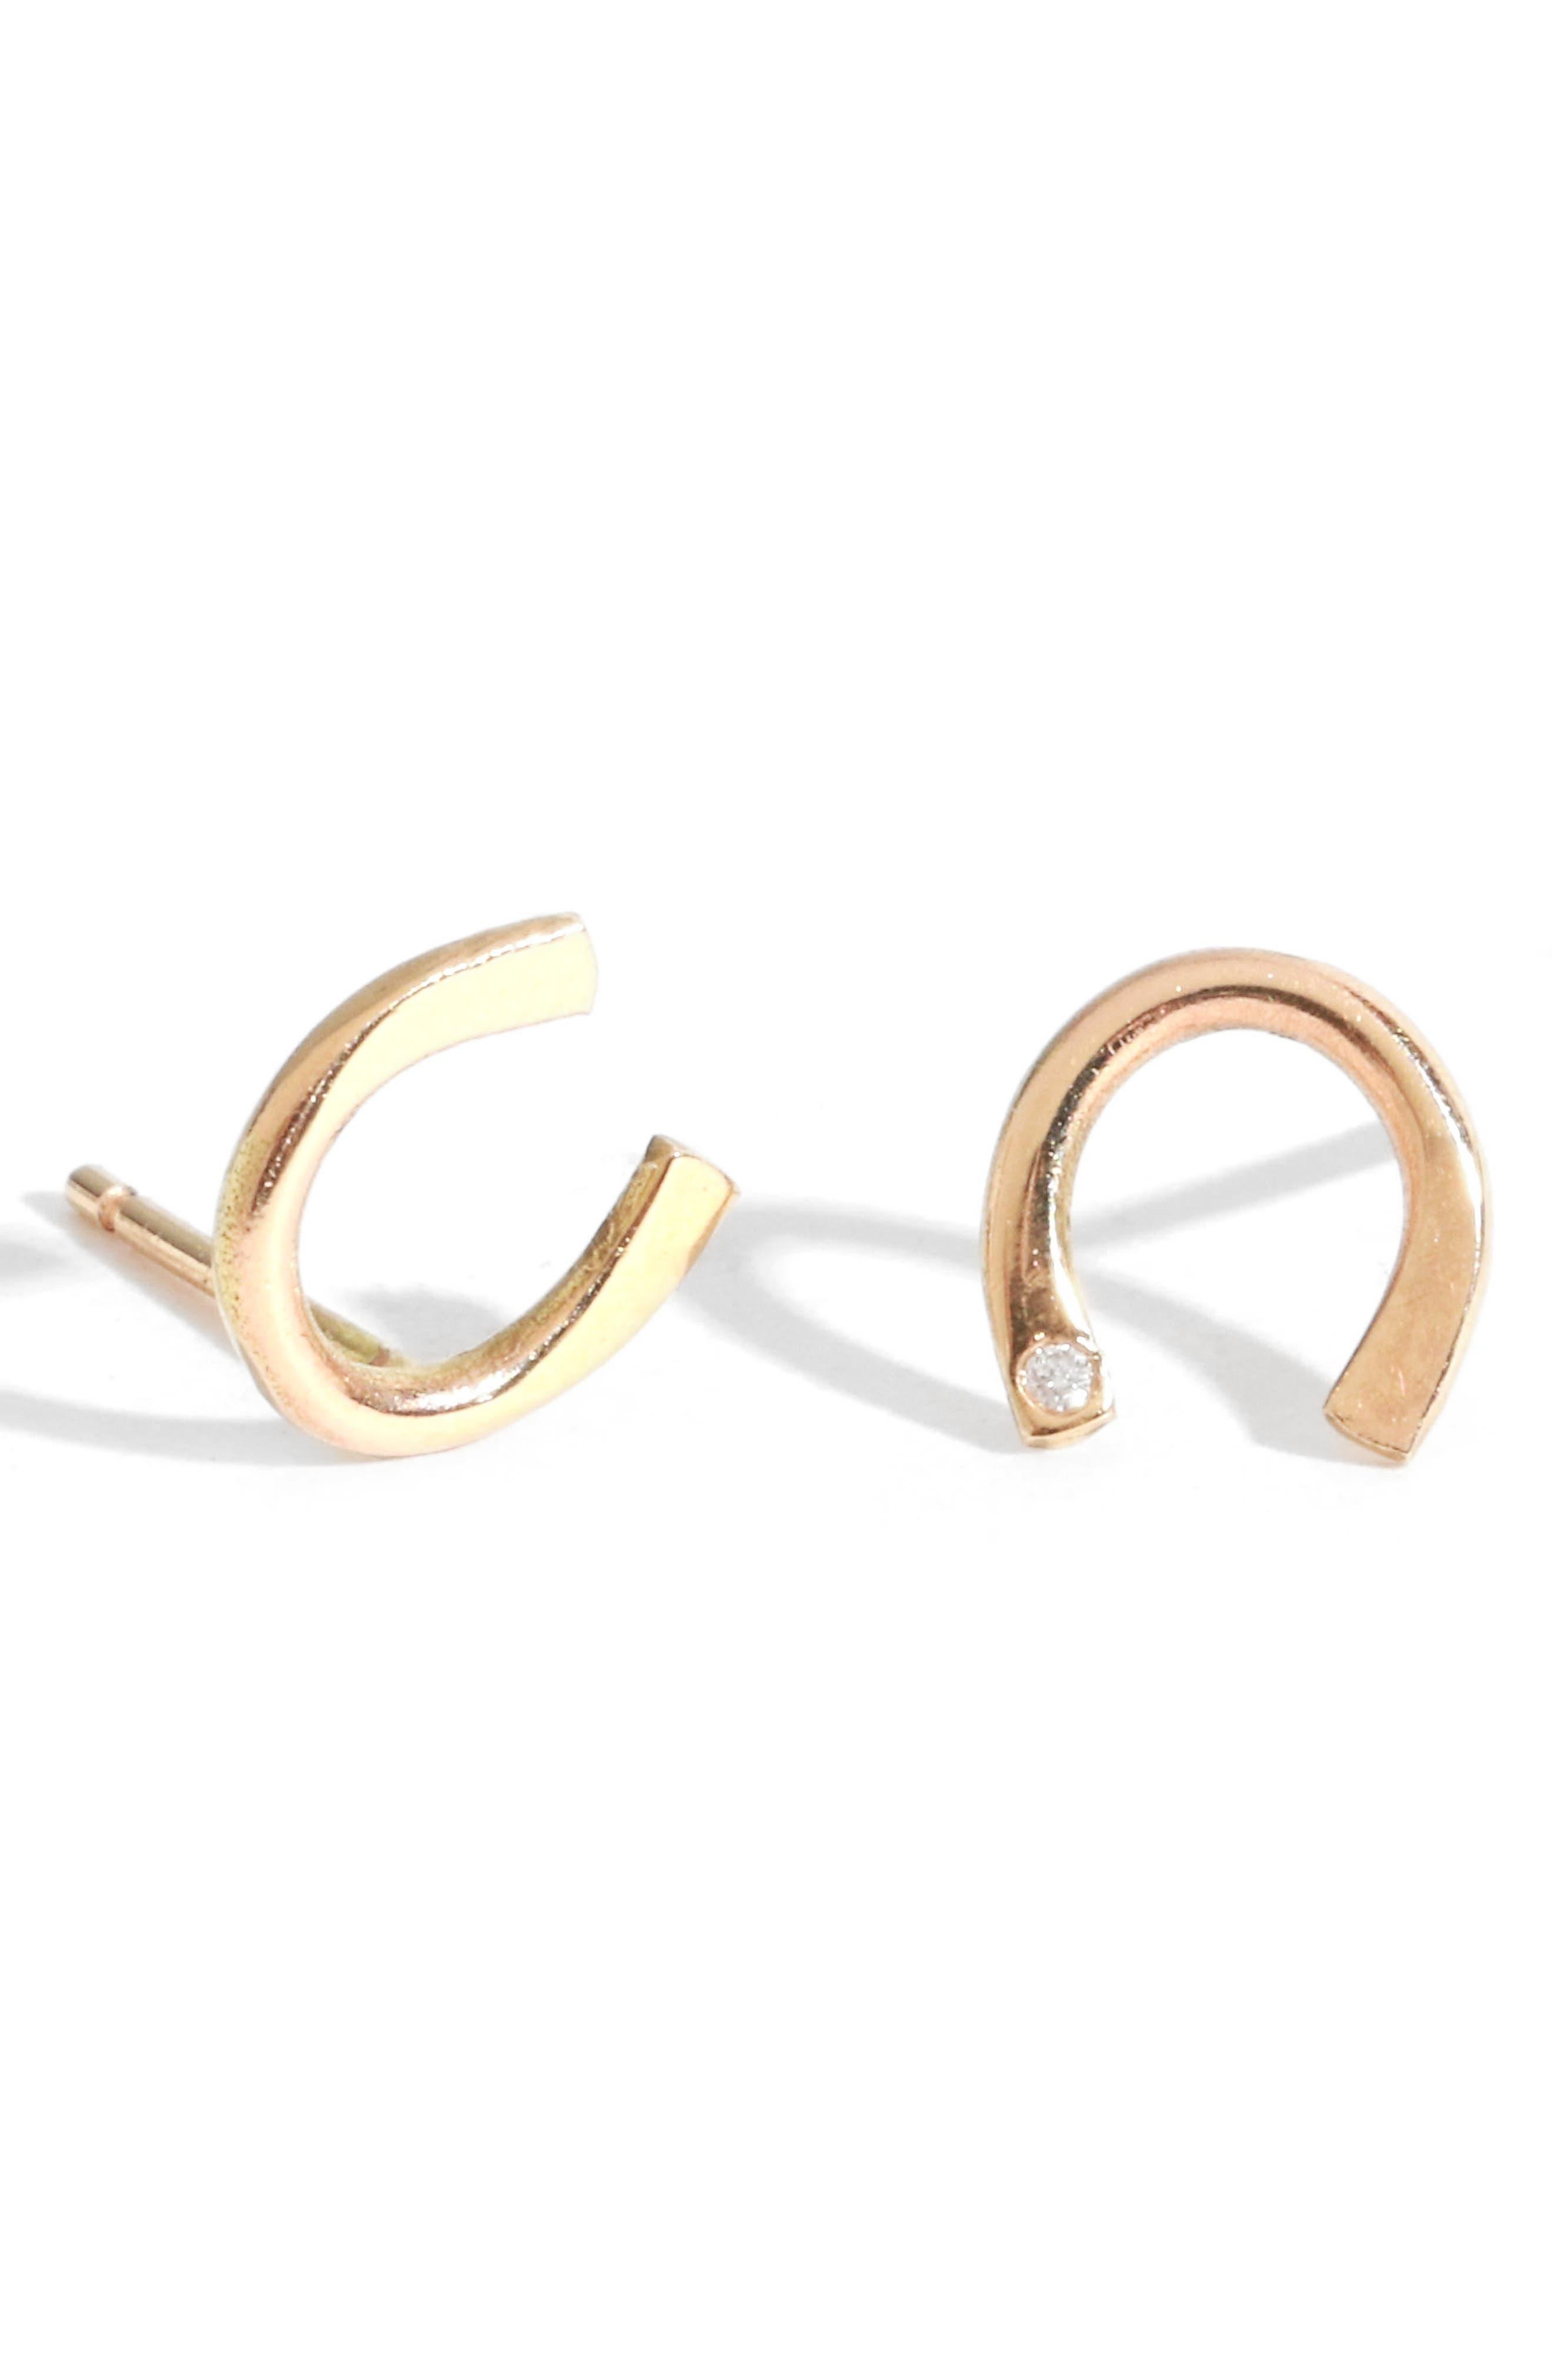 Diamond Horseshoe Stud Earrings,                             Main thumbnail 1, color,                             710